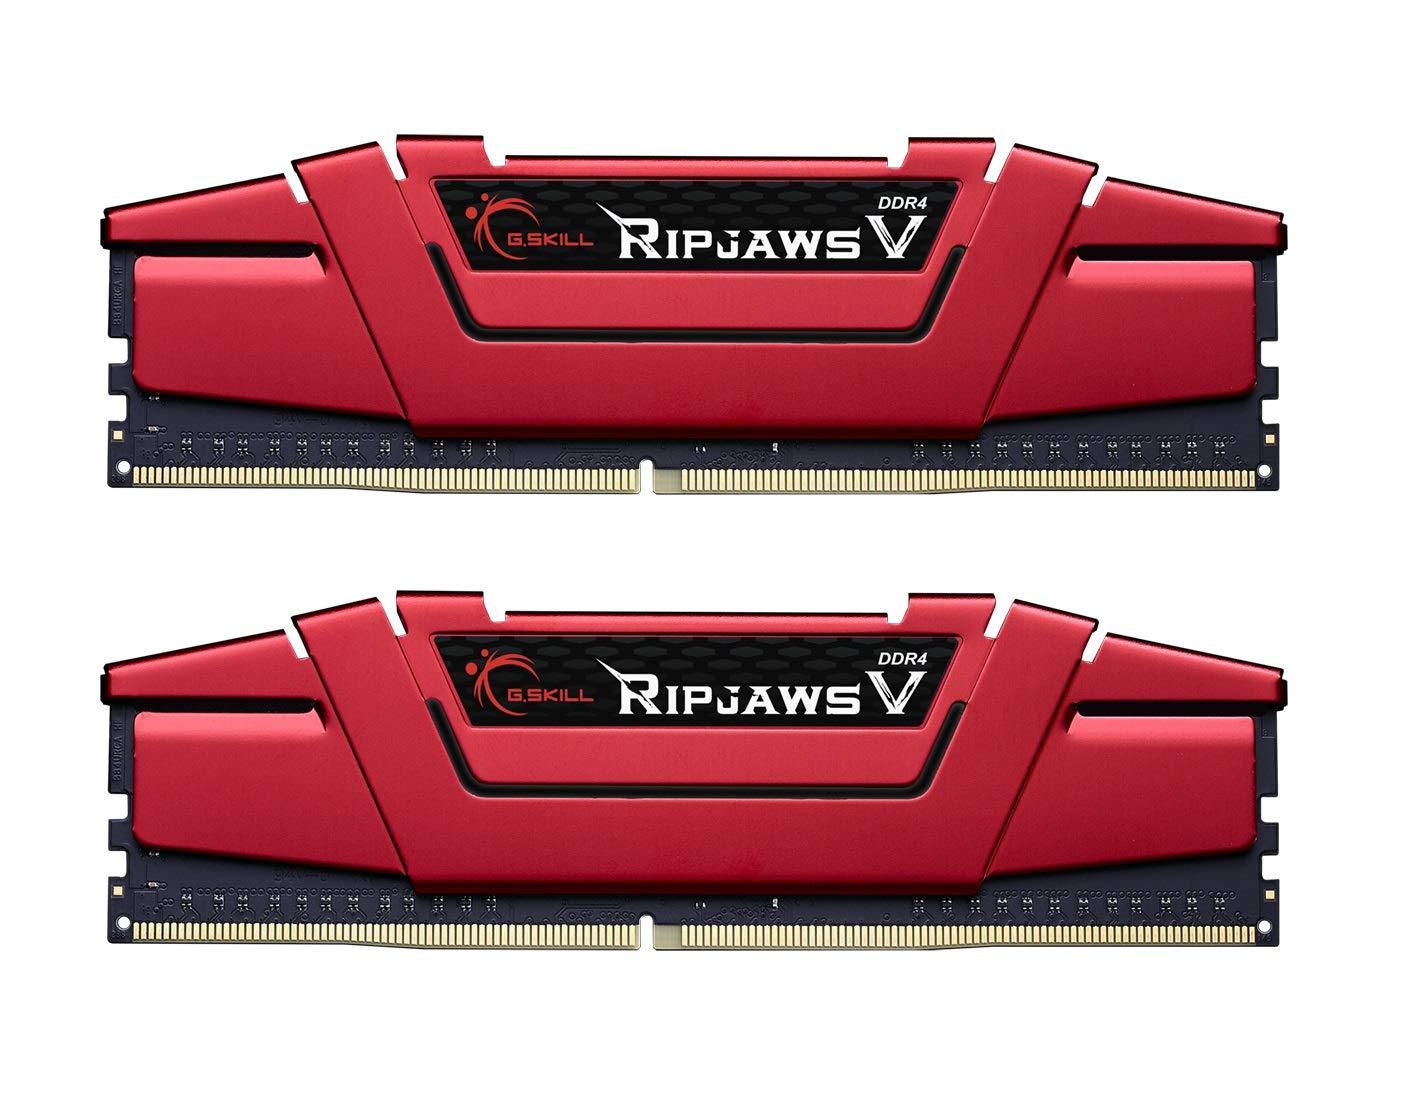 Memoria RAM 16GB G.Skill (2 x 8GB) Ripjaws V Series DDR4 PC4-25600 3200MHz Intel Z170 Platform F4-3200C16D-16GVRB